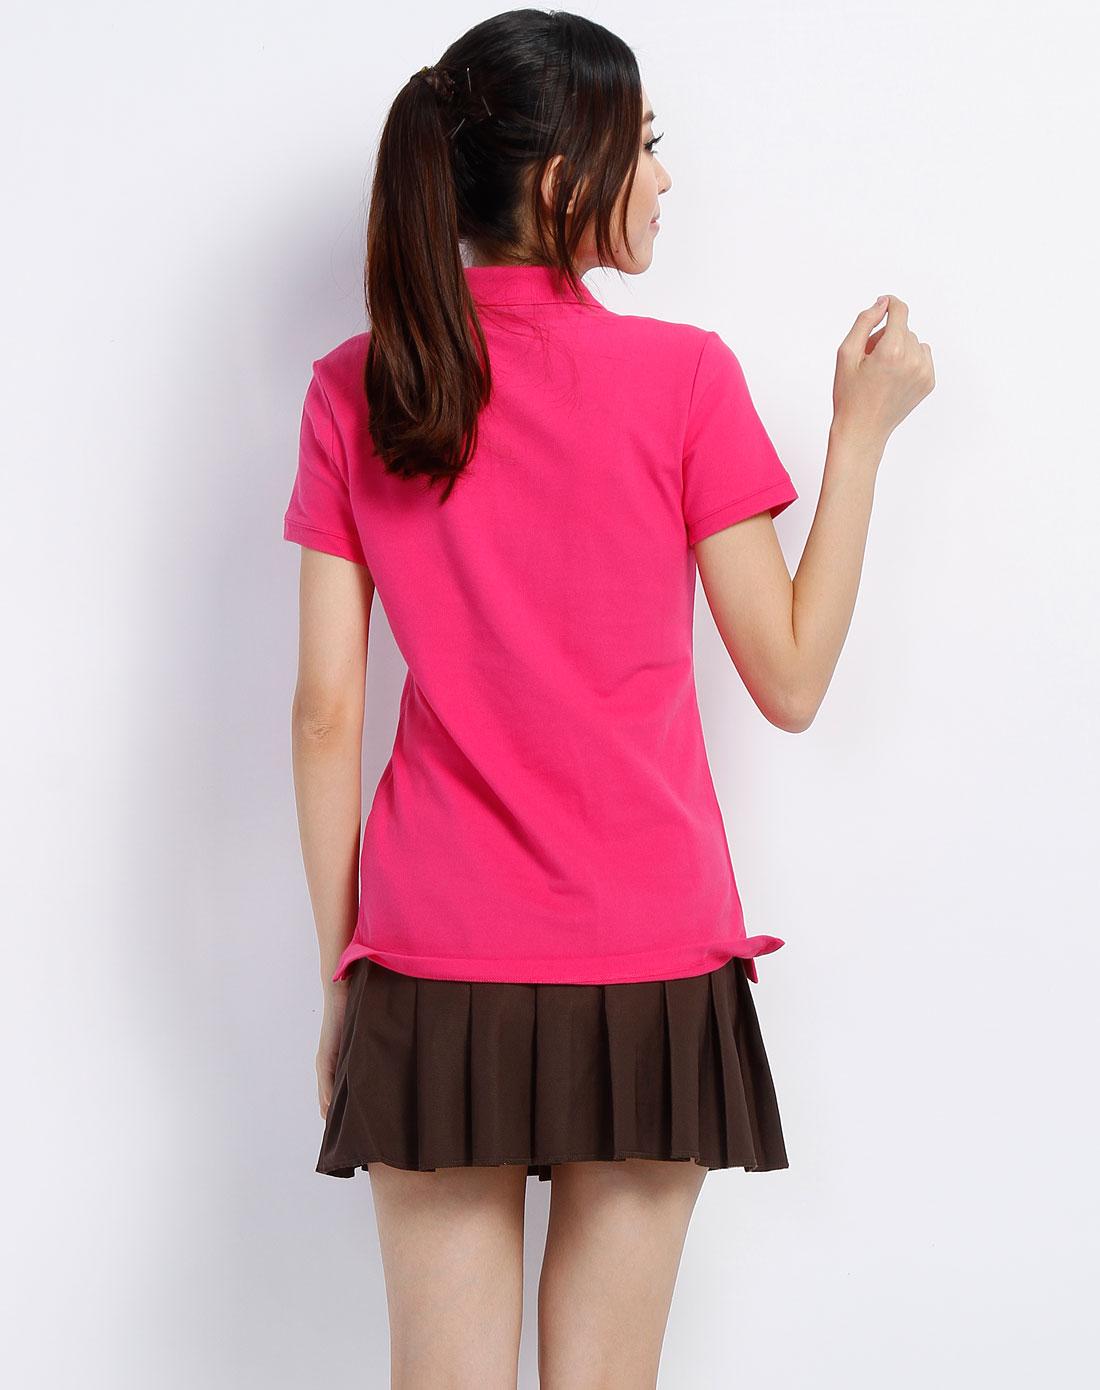 玫红色翻领短袖t恤_耐克nike-女装专场特价